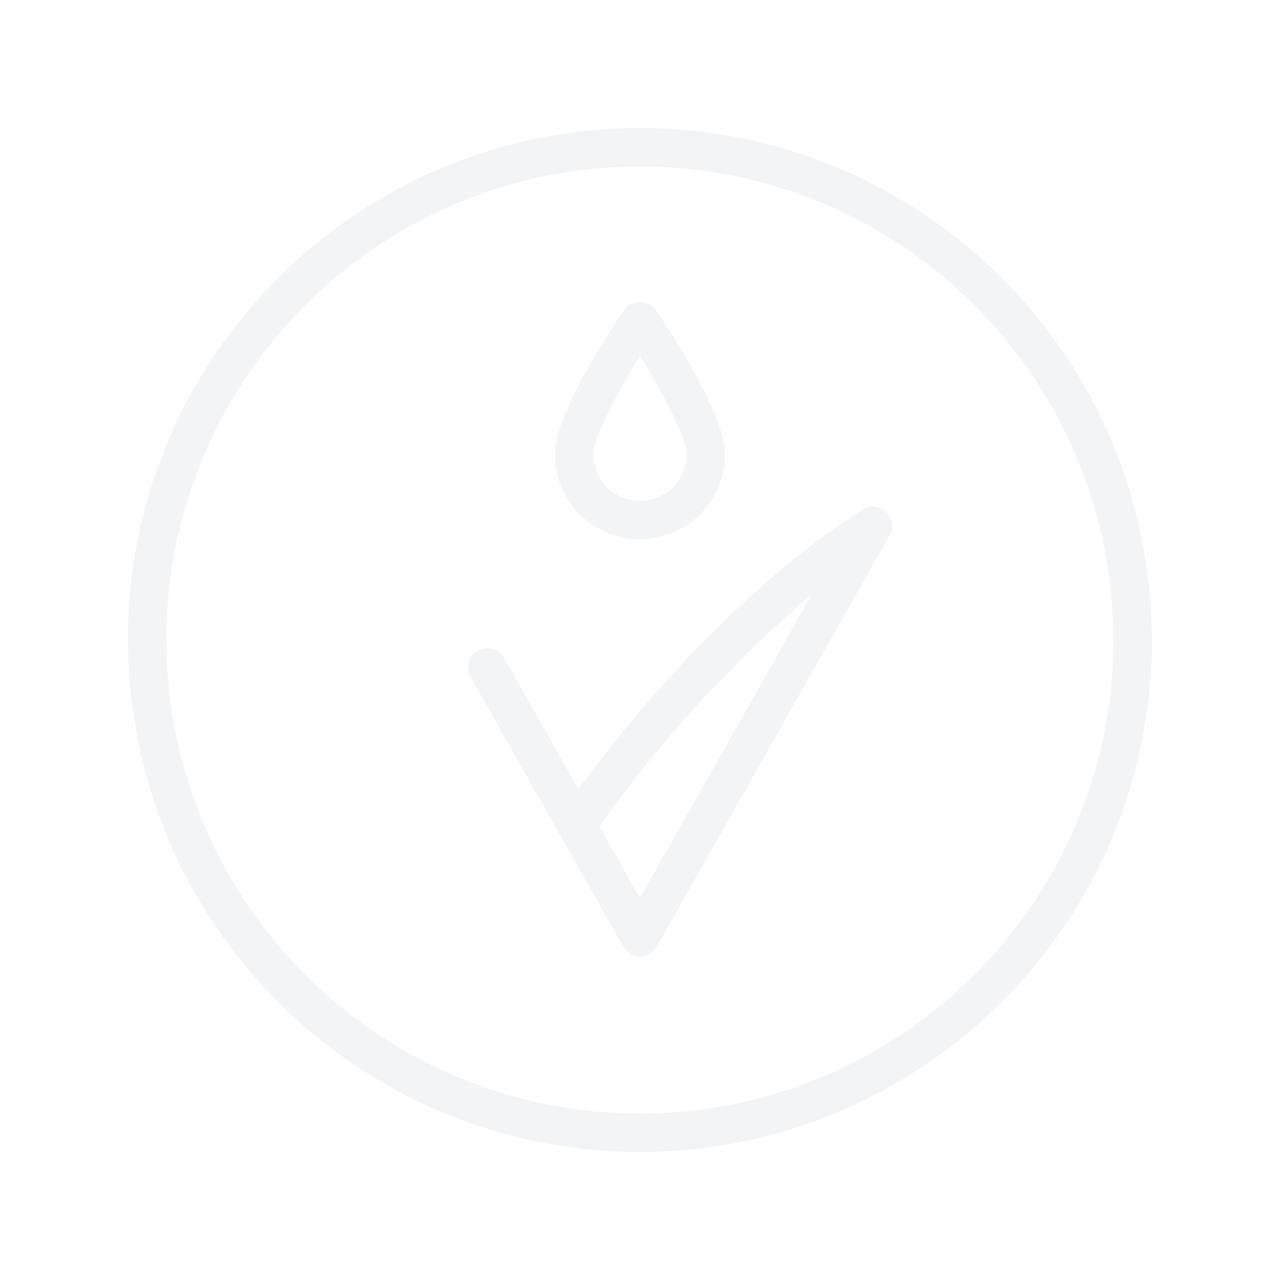 Dior Homme Cologne 2013 Eau De Cologne